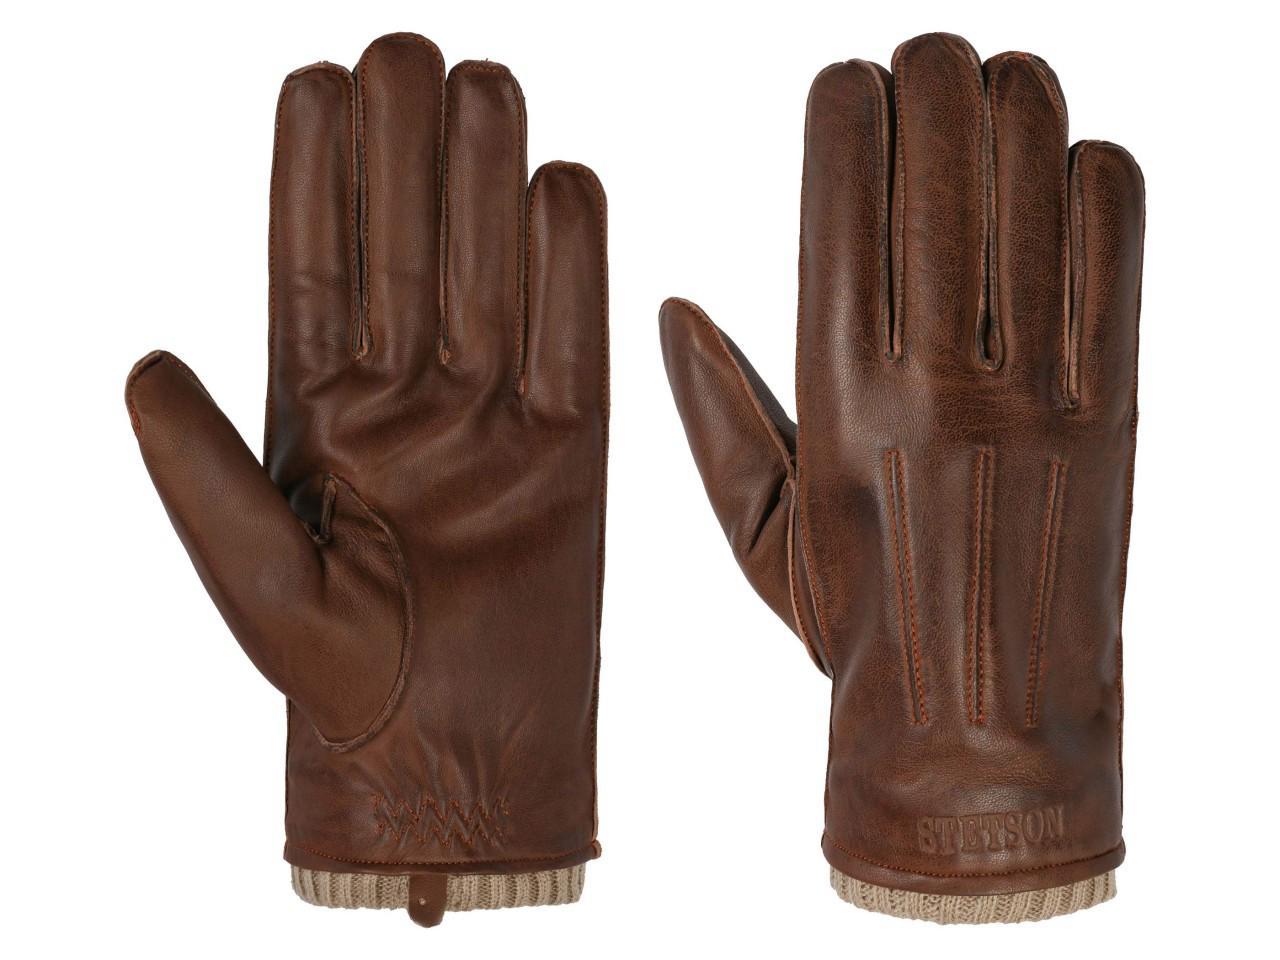 Stetson Gloves Sheepskin Lederhandschuhe, Braun (61) 21,5 cm (8/S)